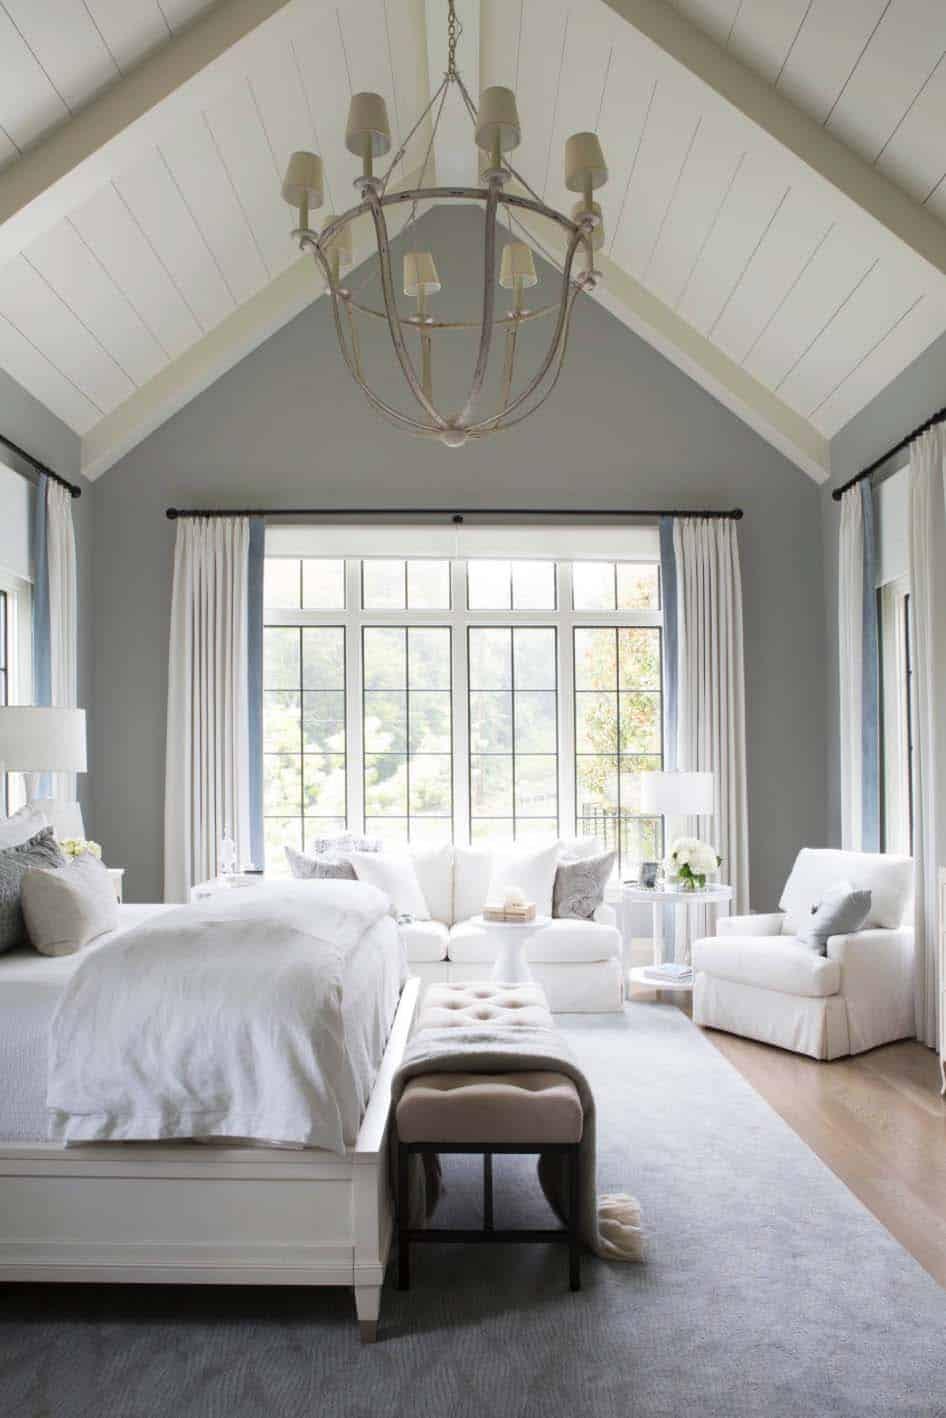 20+ Serene And Elegant Master Bedroom Decorating Ideas on Master Bedroom Curtains  id=36037